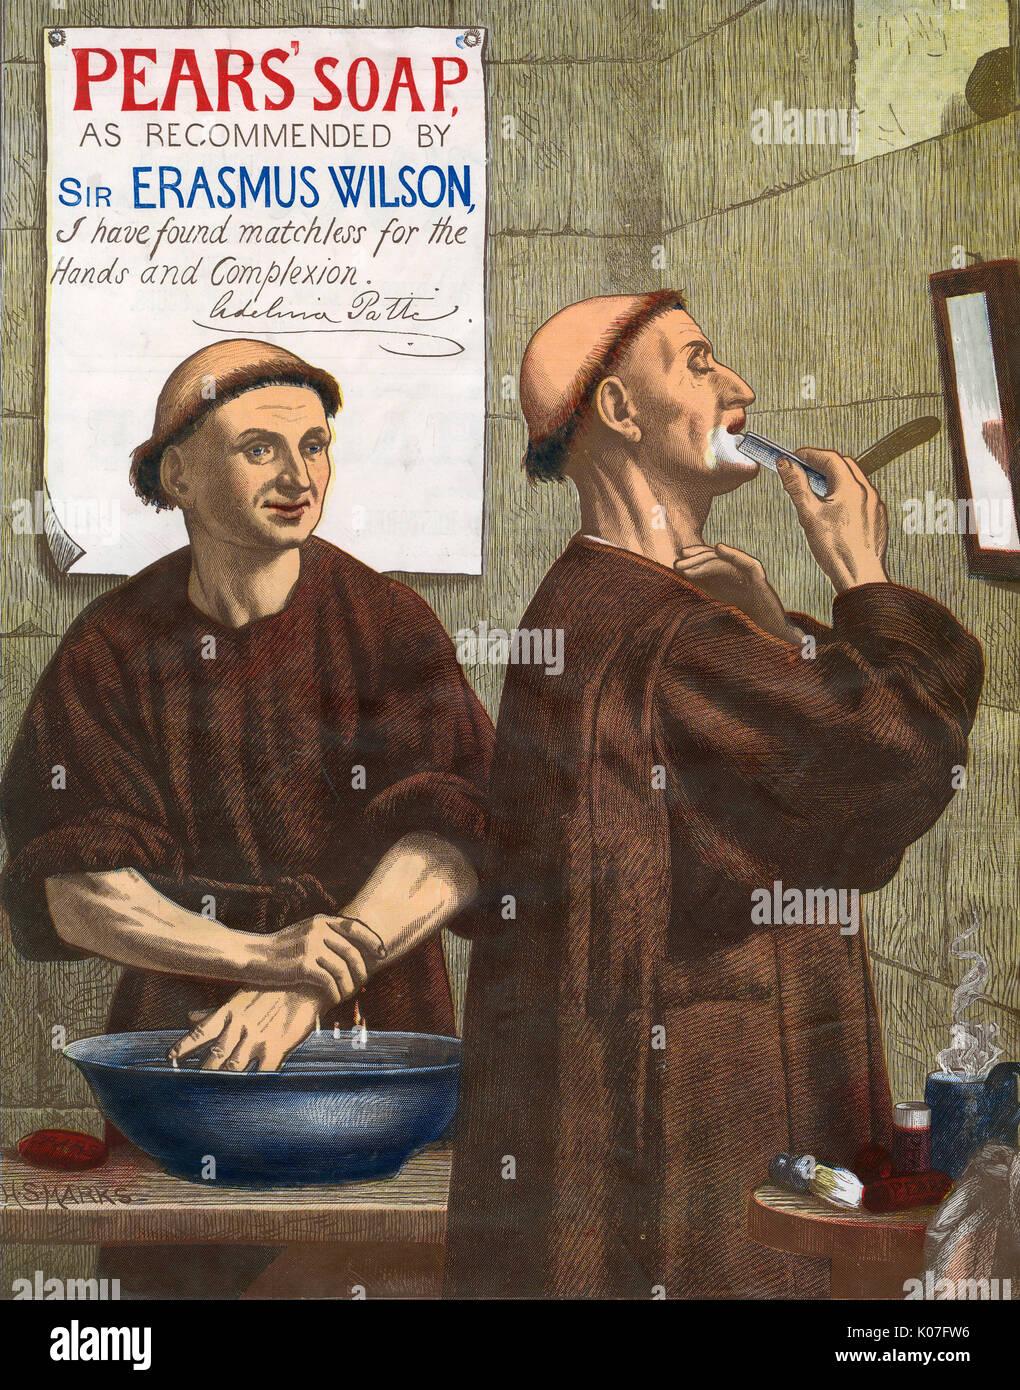 Birnen - matchless Seife für die Hände und Teint (auch für Mönche!) Datum: 1891 Stockbild